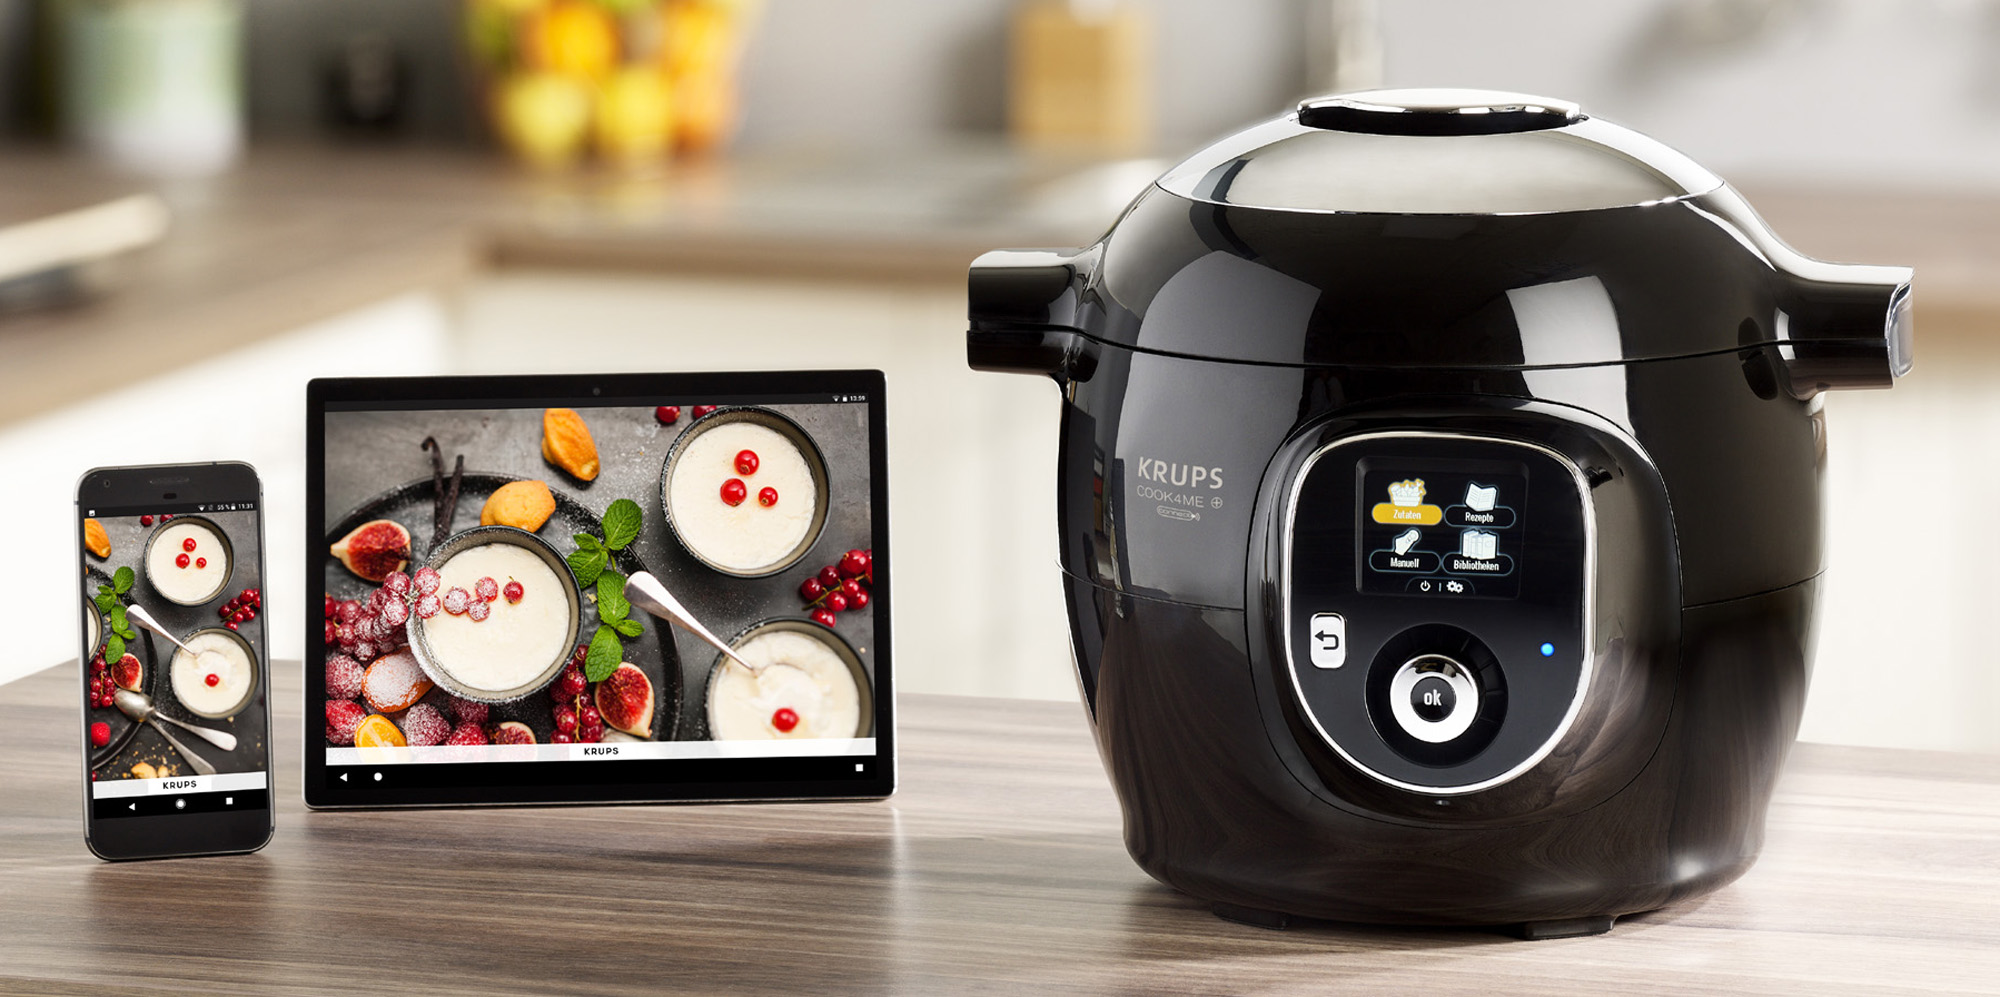 Krups Multikocher Cook4Me+ Connect mit Rezepten per Cook4Me-App.